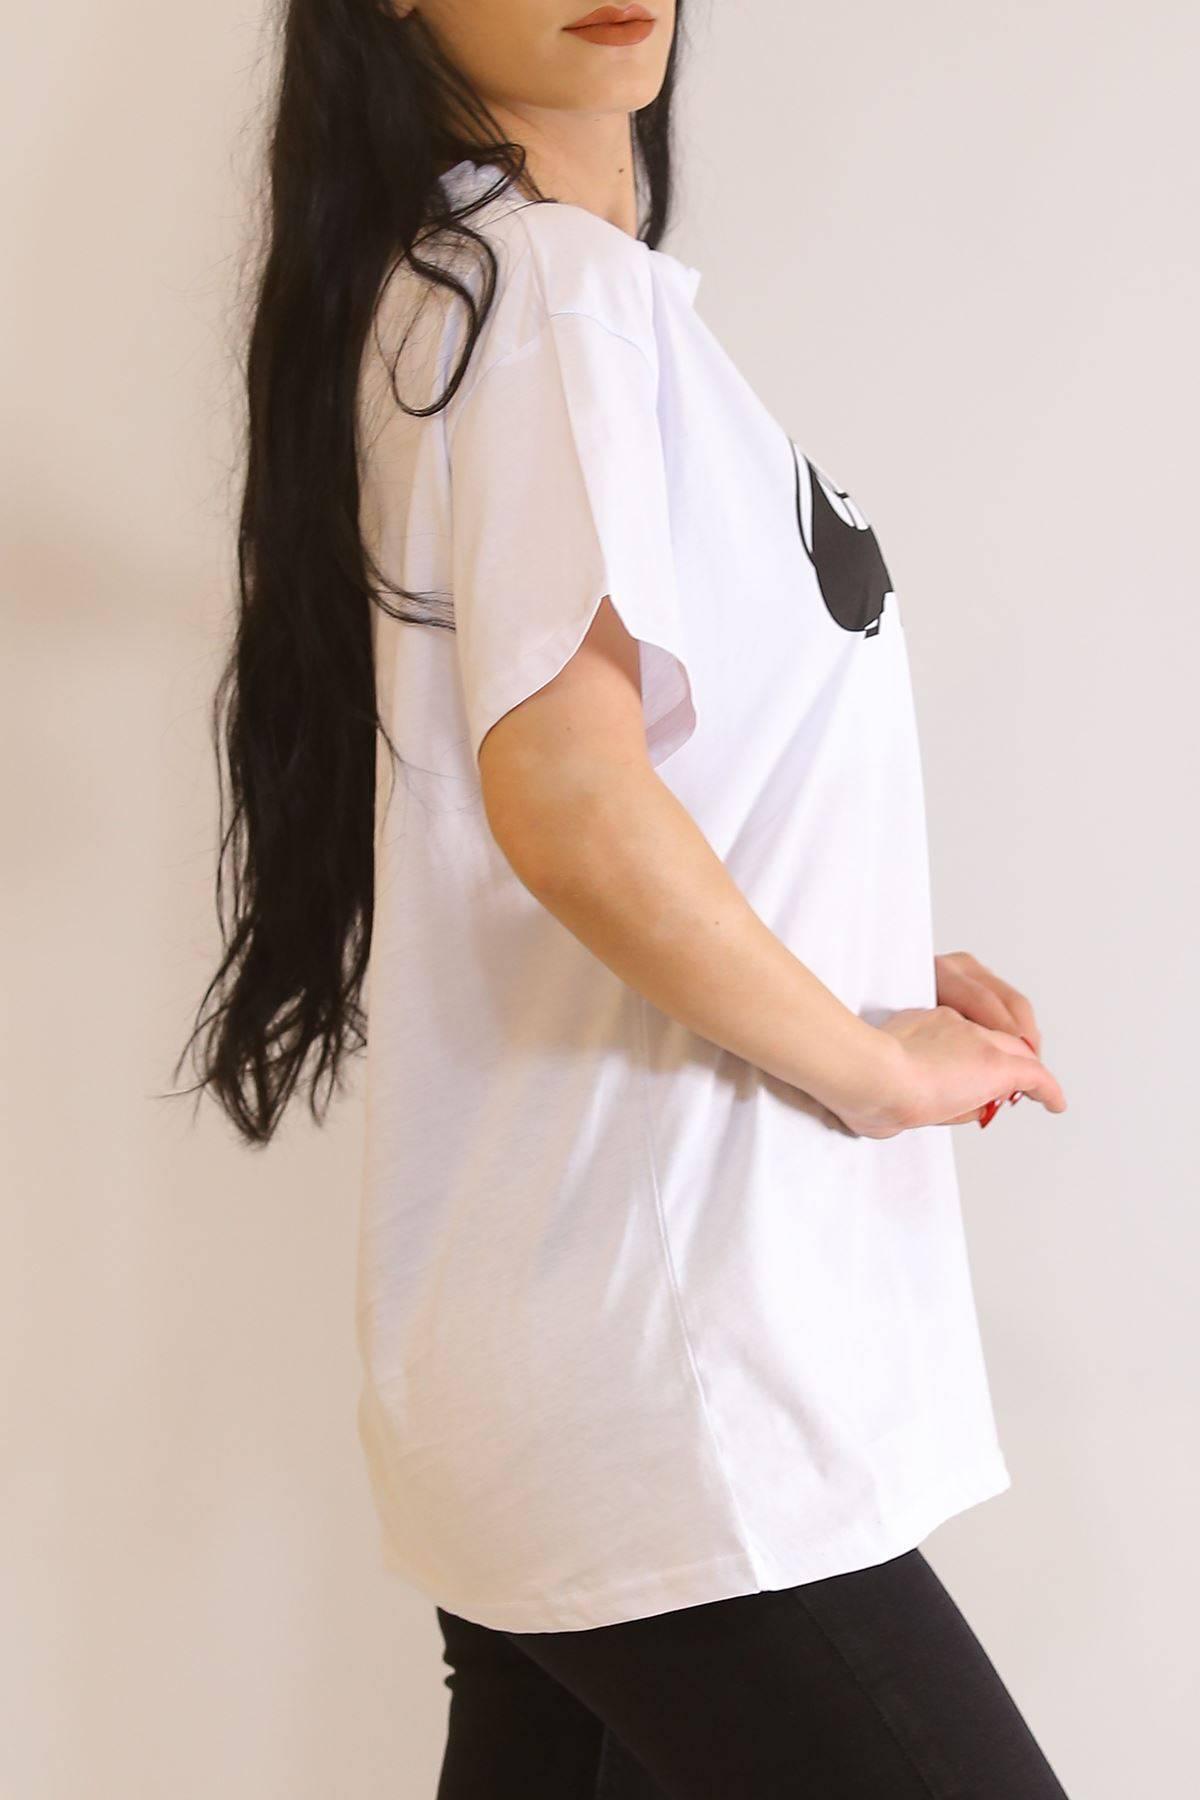 Baskılı Tişört Beyaz - 6054.1377.